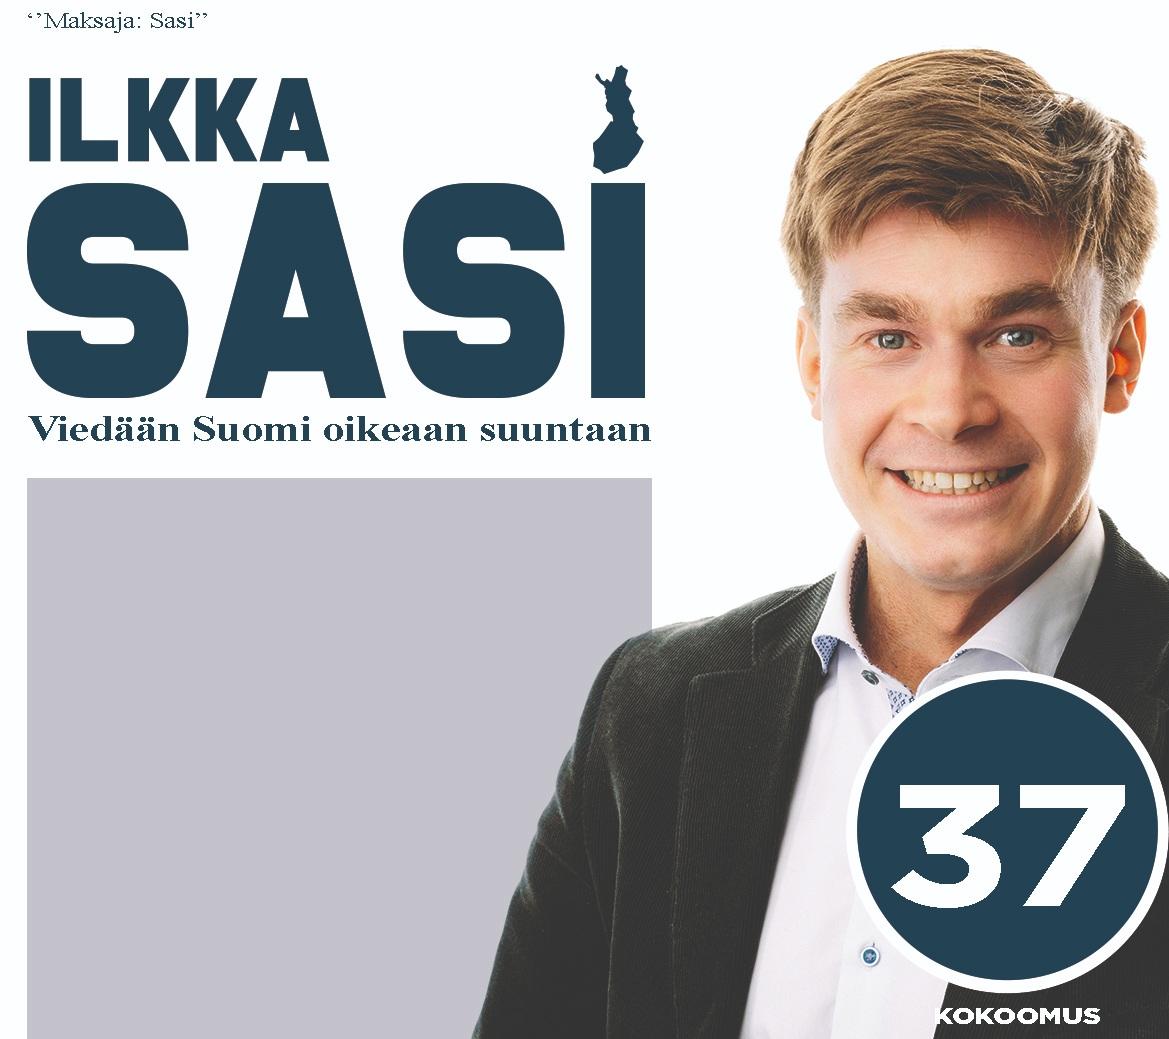 Ehdolla eduskuntaan numerolla 37.  Haluan viedä Suomen oikeaan suuntaan.